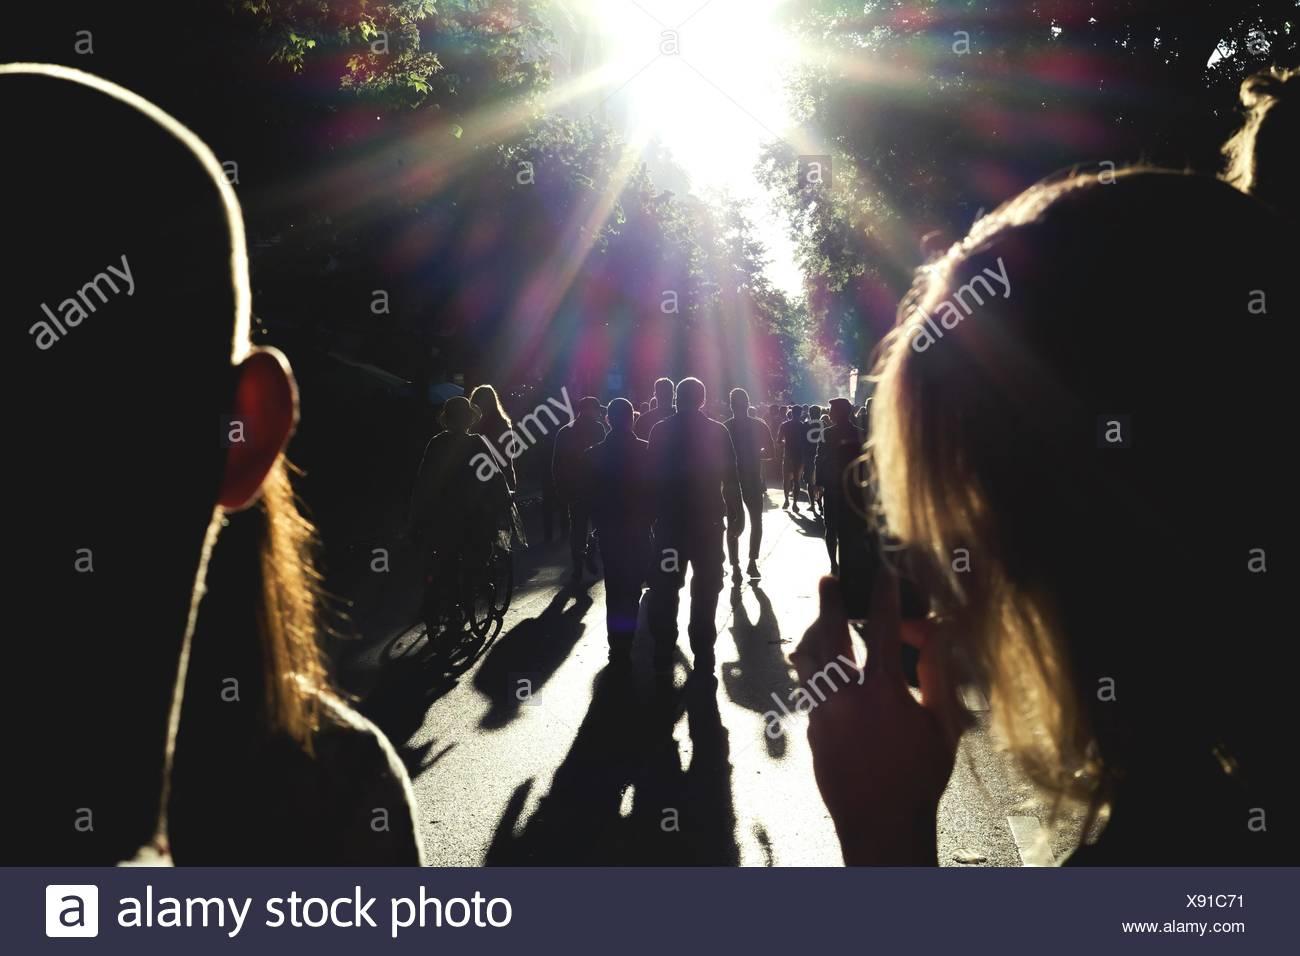 Silueta gente caminando en carretera Imagen De Stock